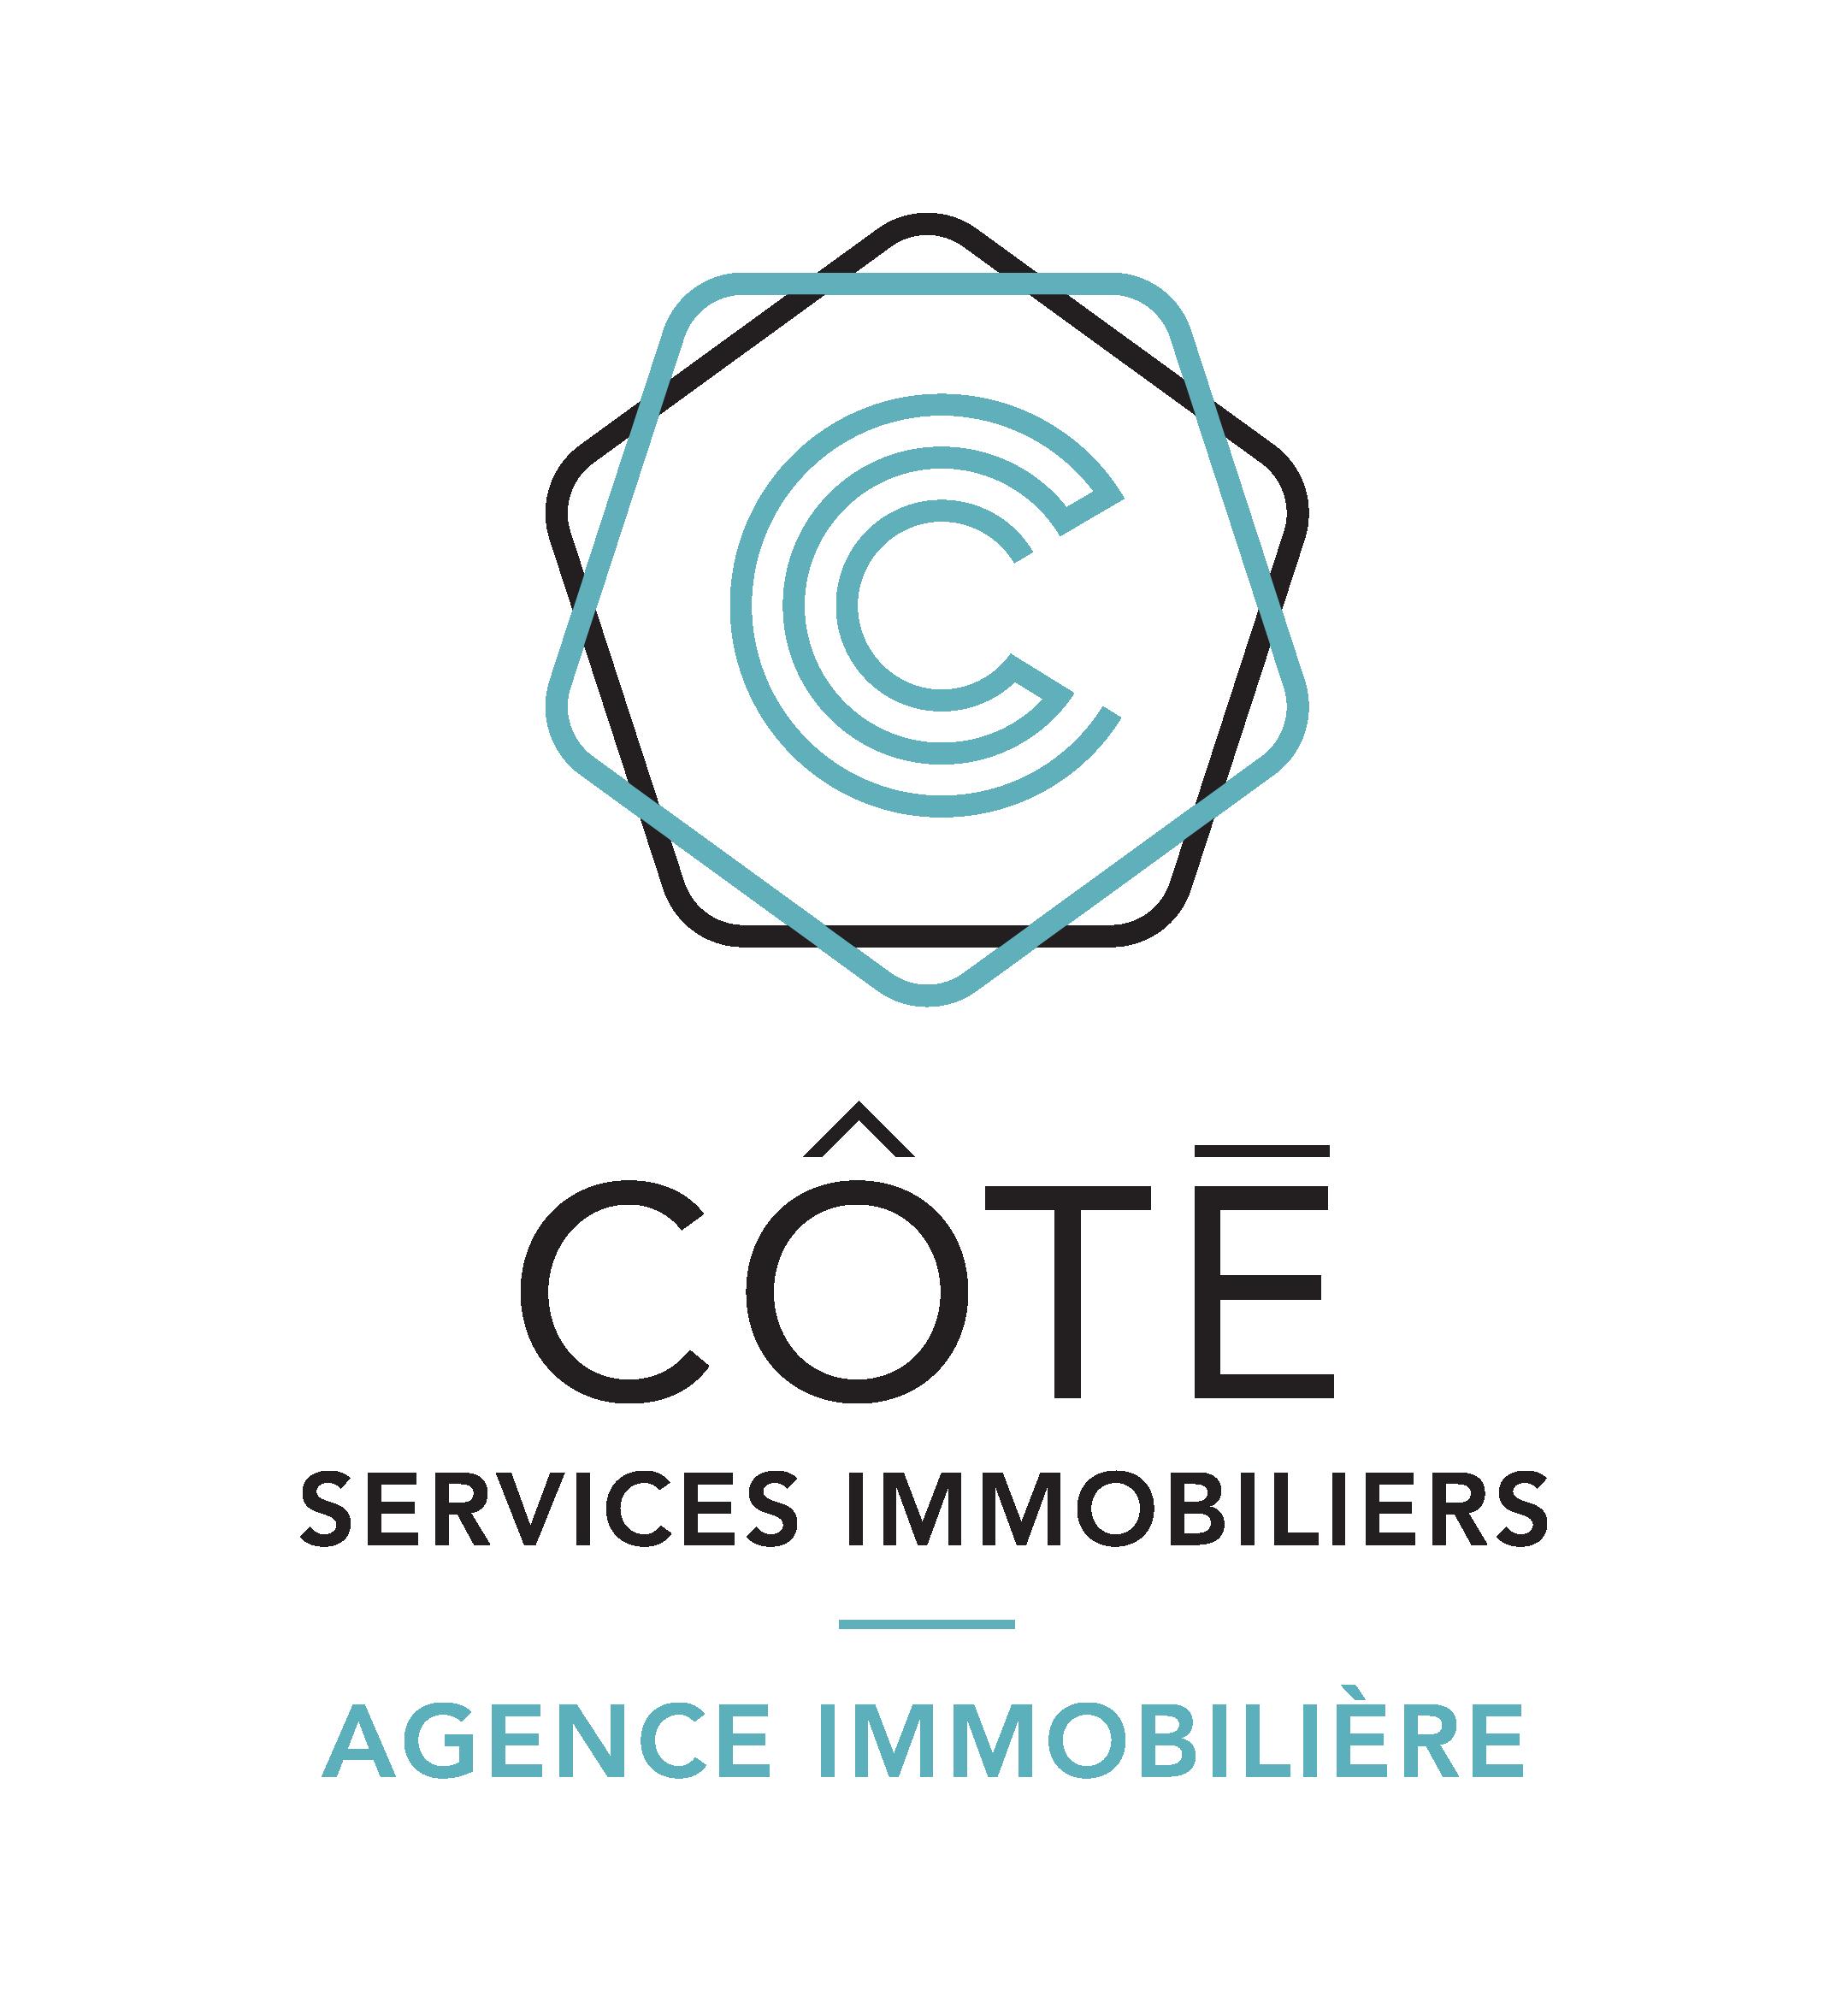 Côté Services immobiliers Agence immobilière